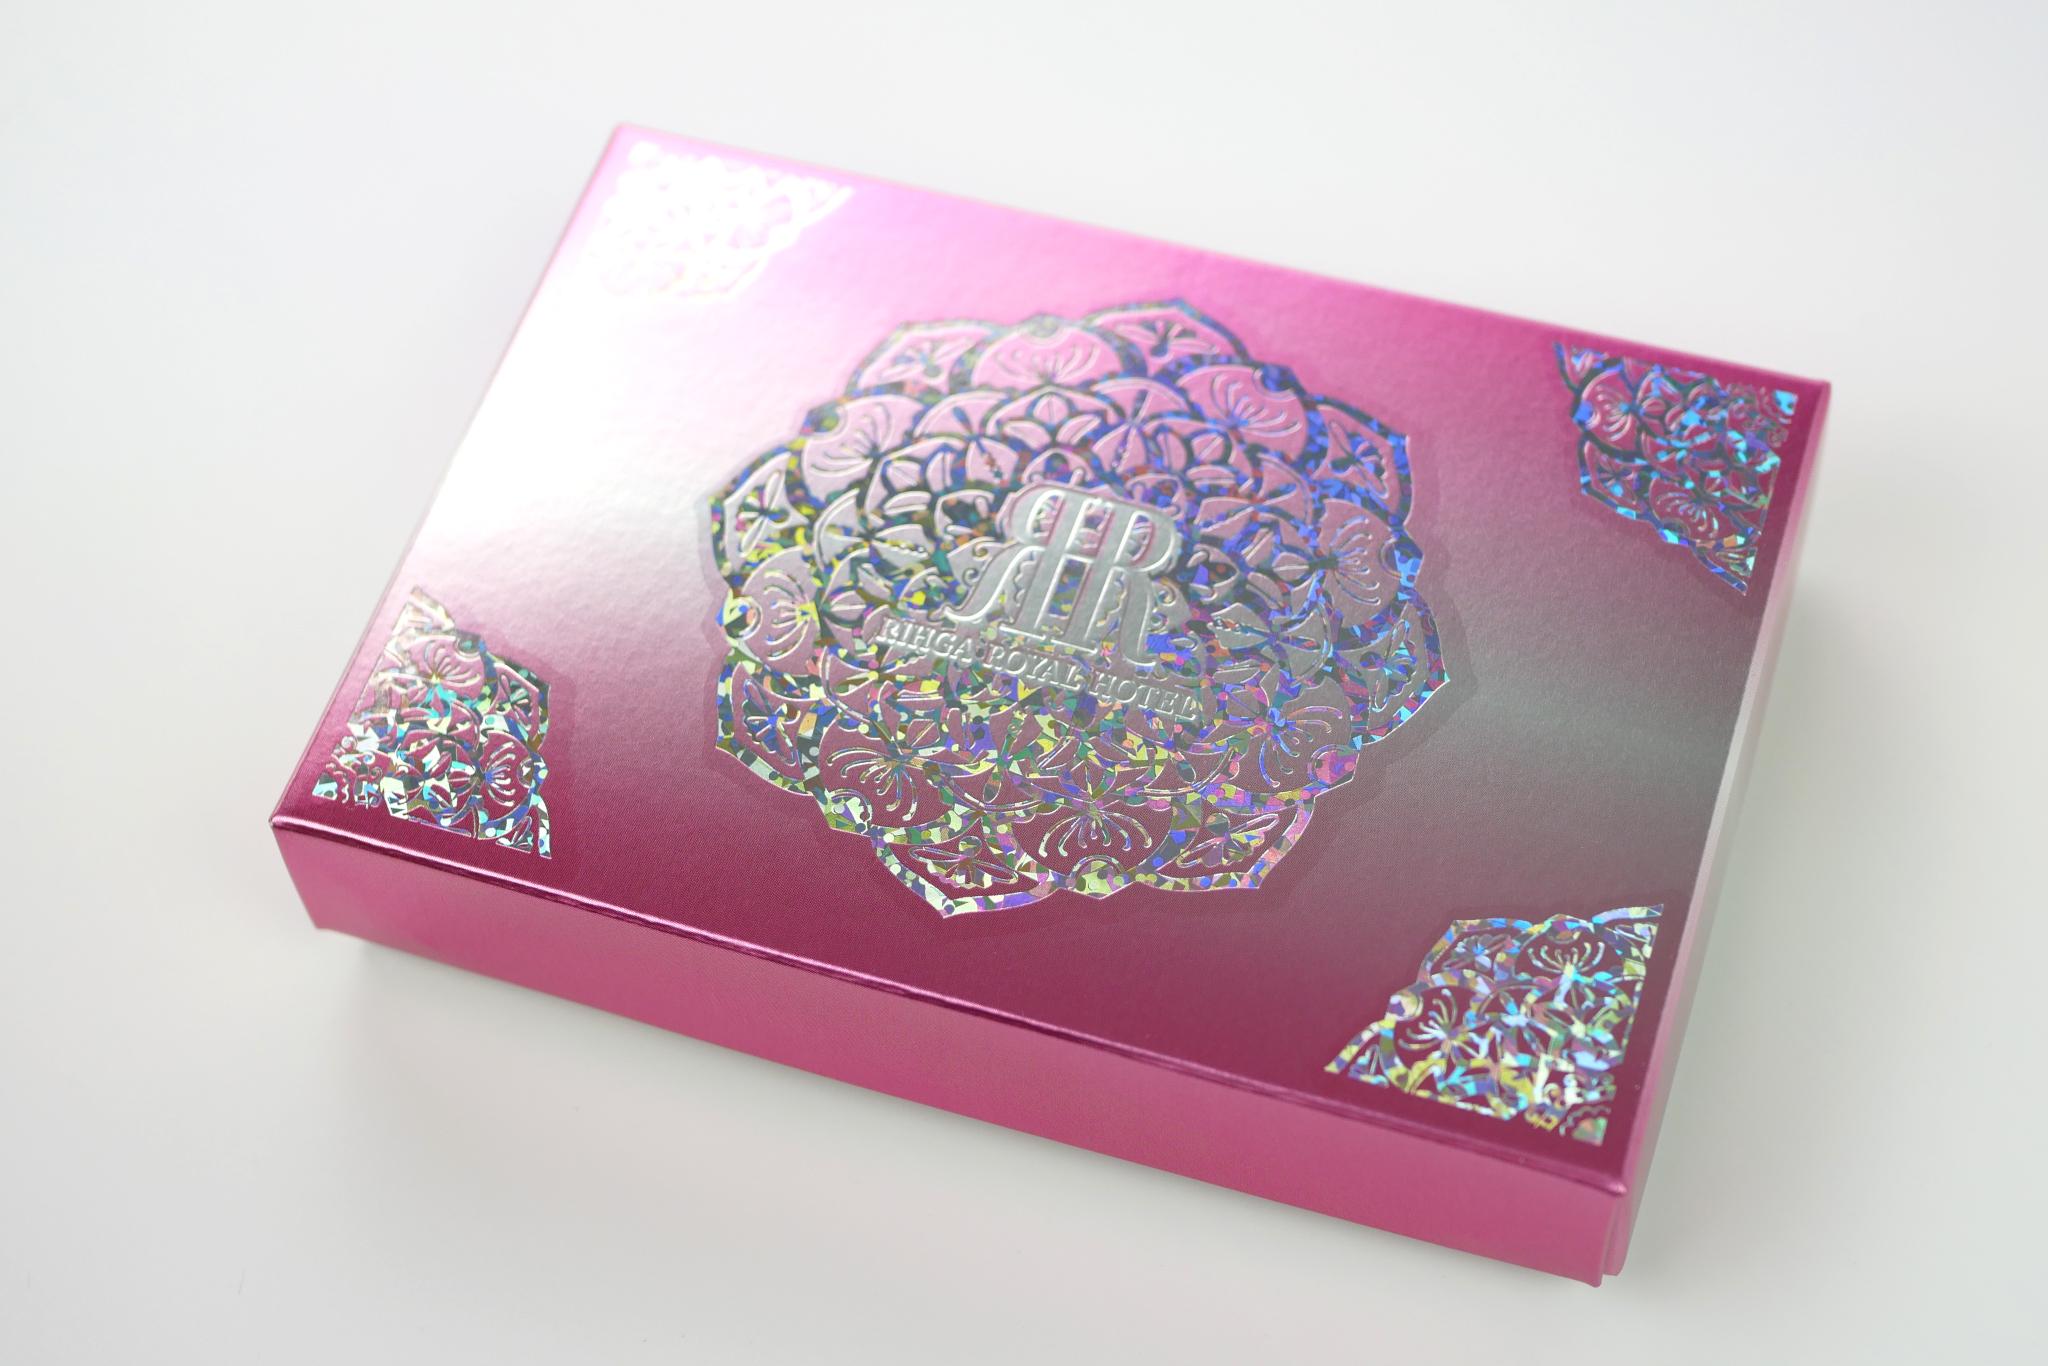 パッケージデザイン|チョコレート|バレンタイン|トムソン箱